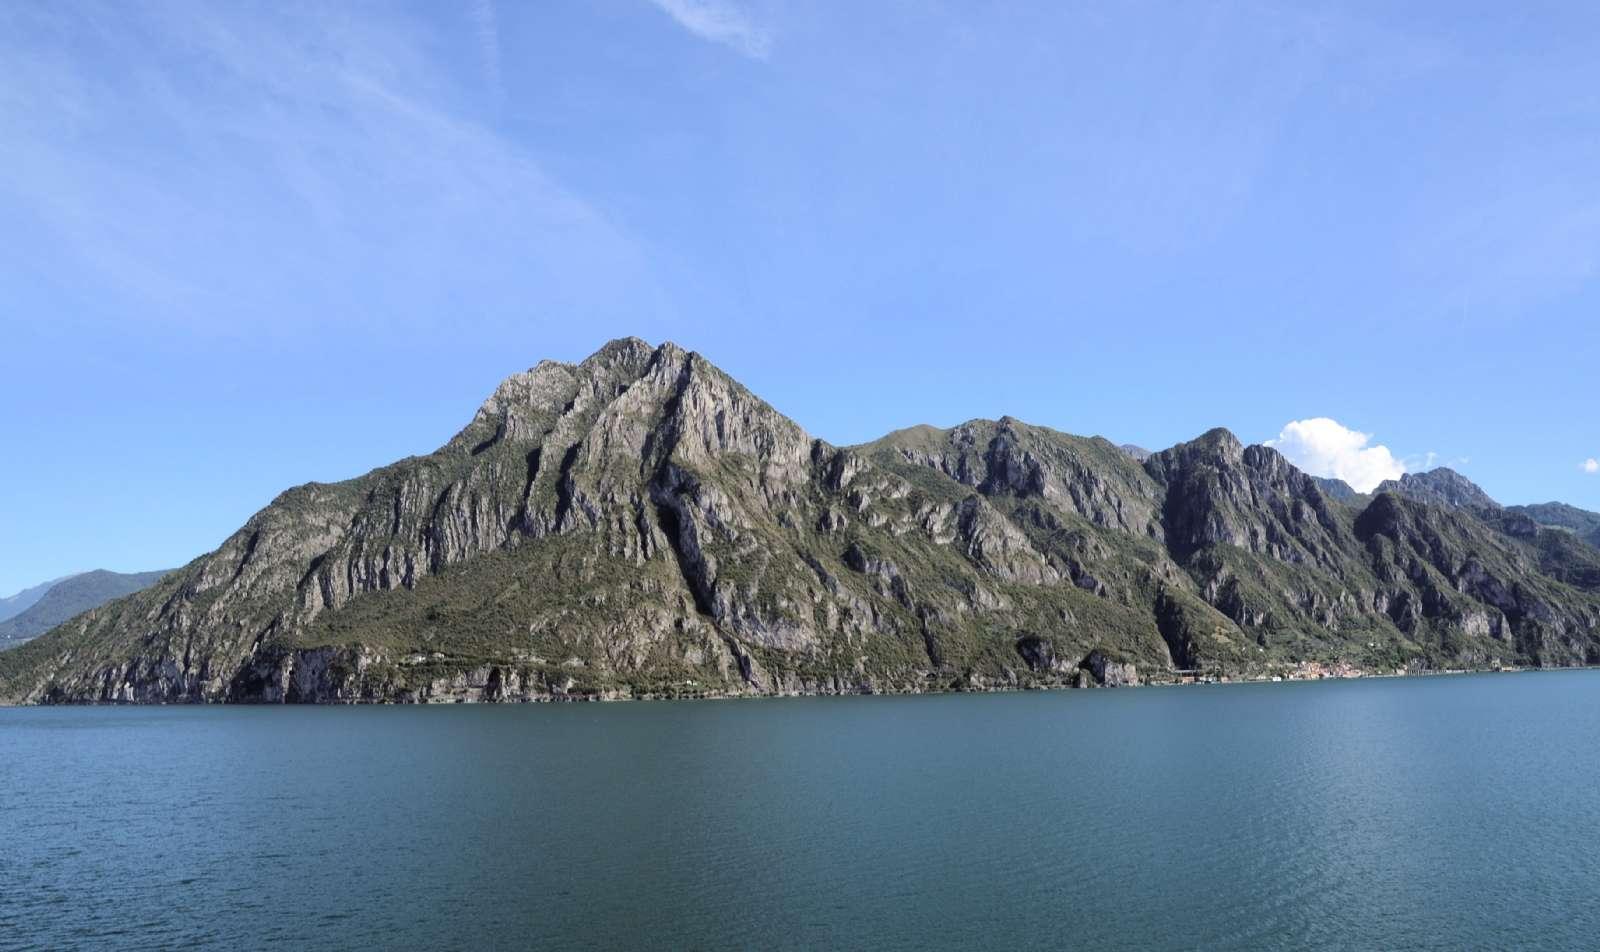 Bergen möter Iseosjöns klara vatten